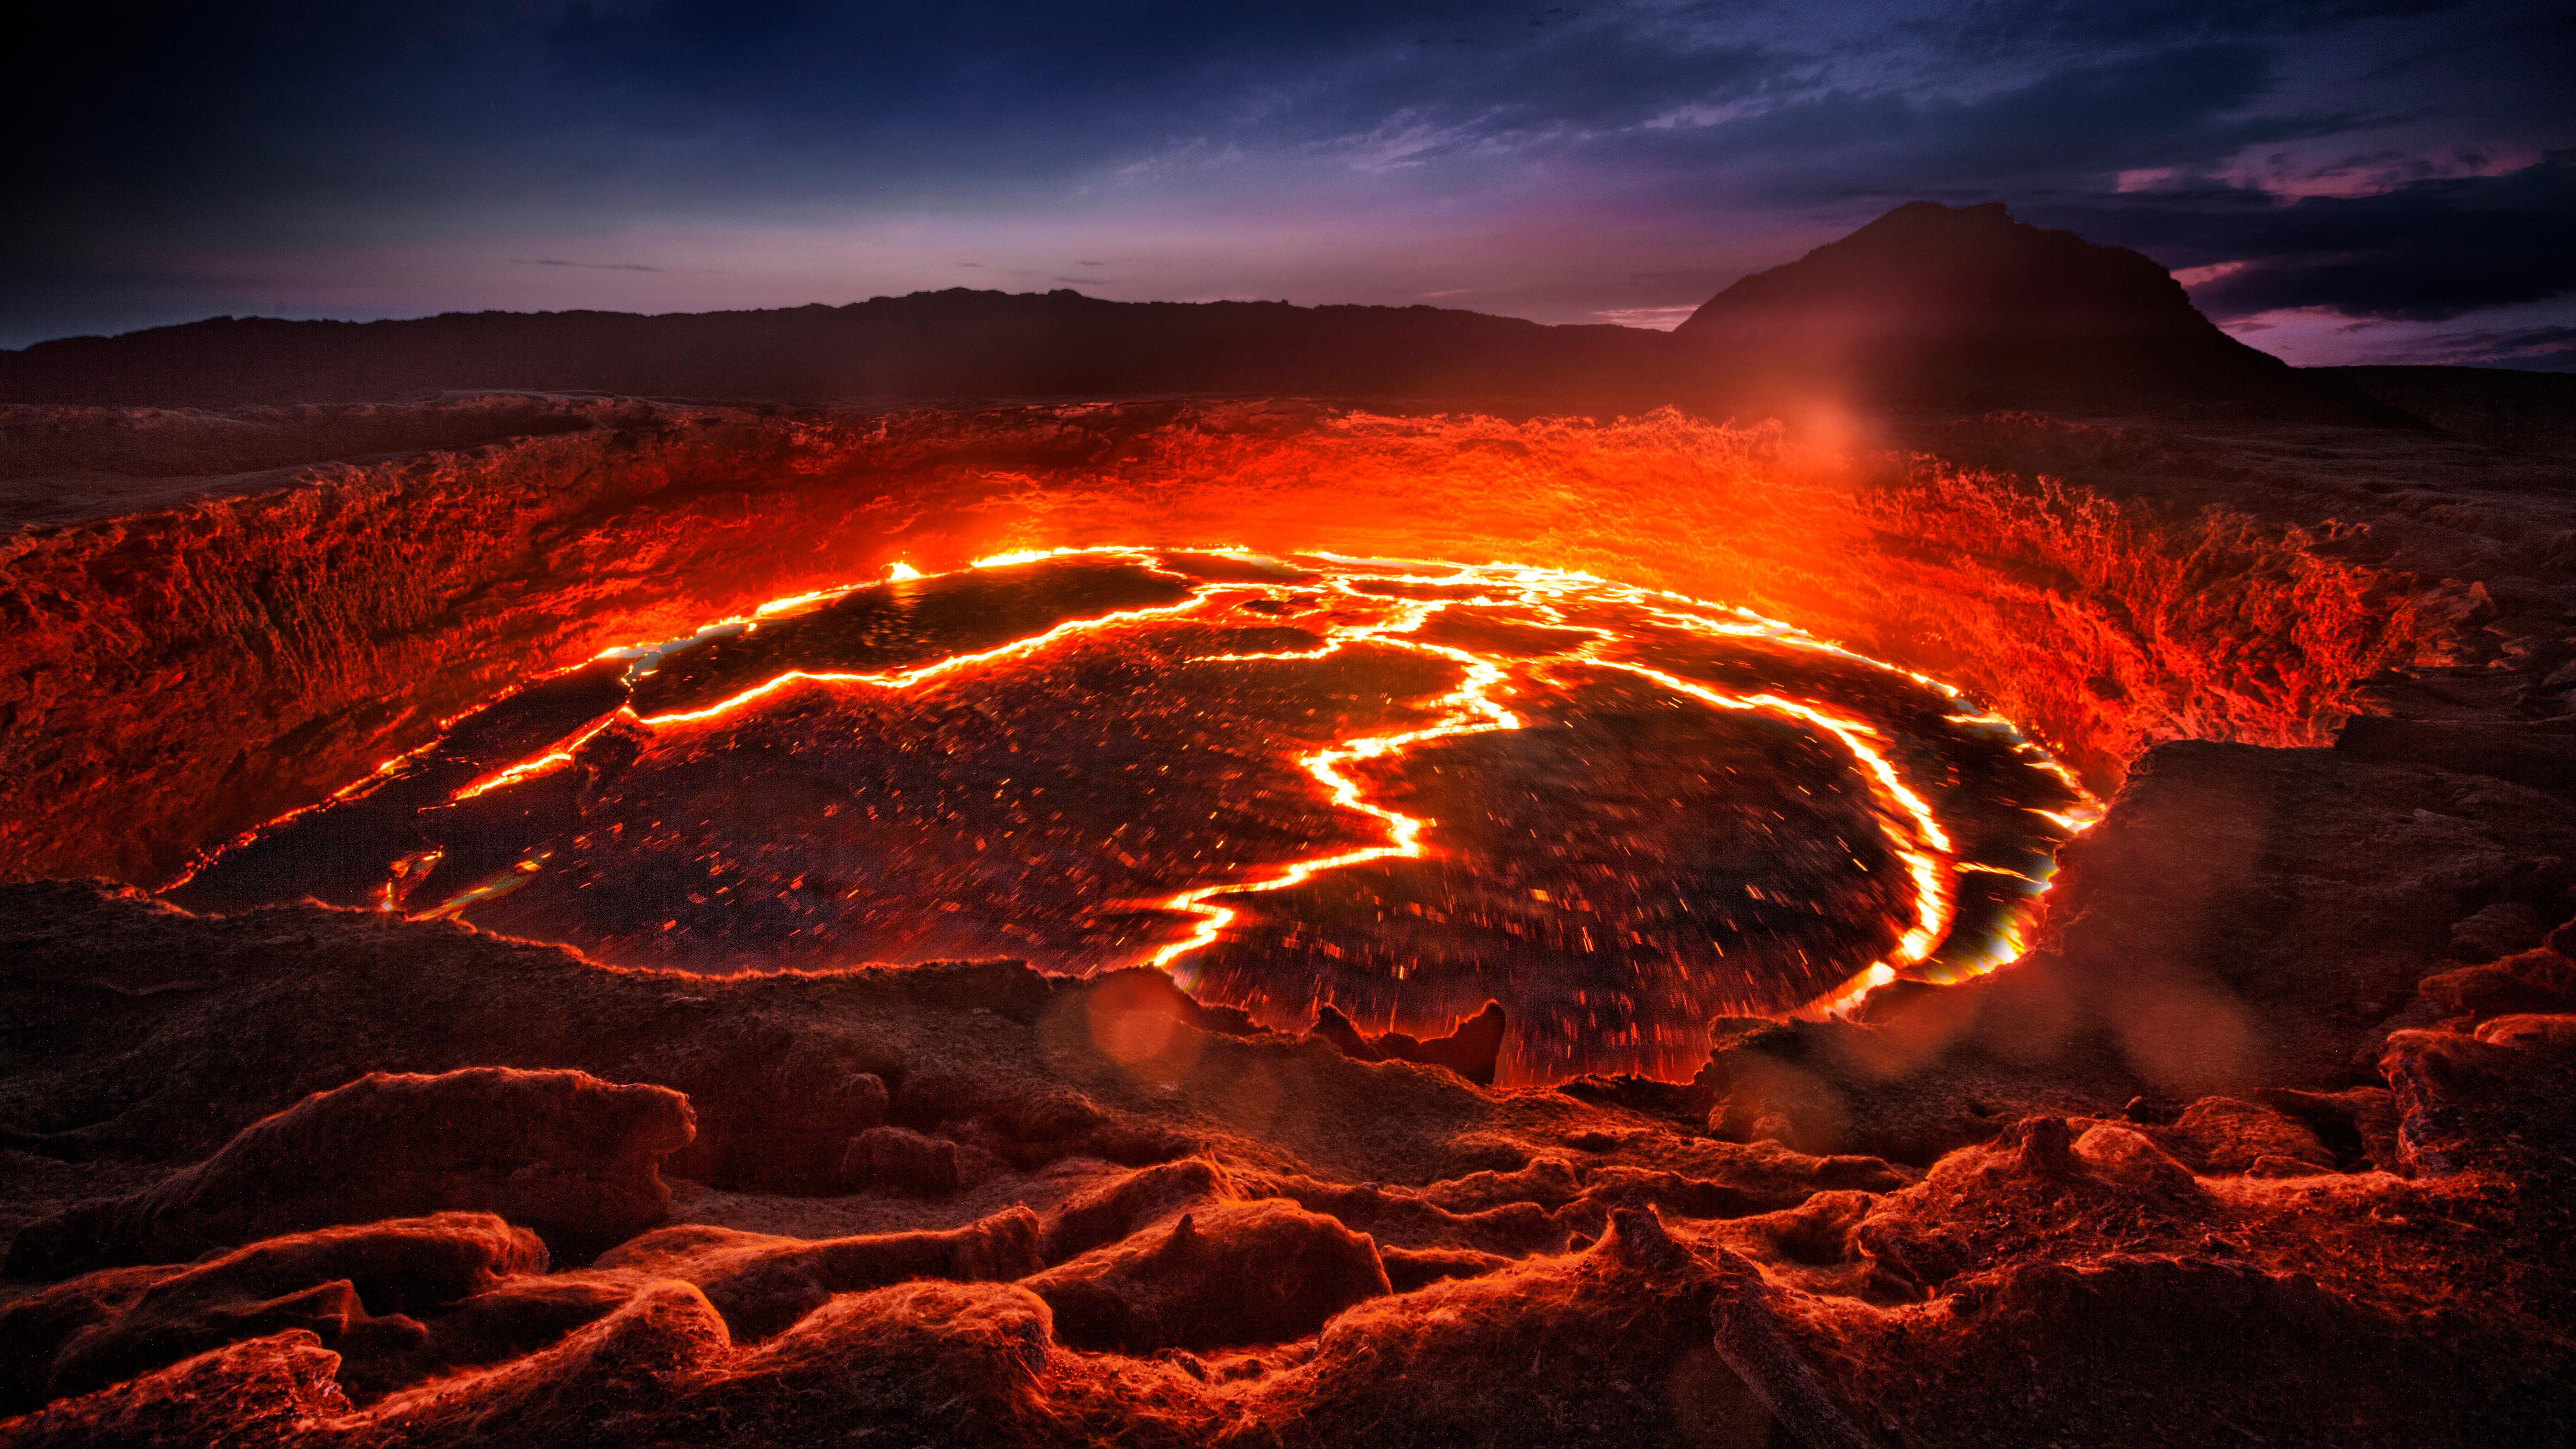 El lago de lava de Erta Ale